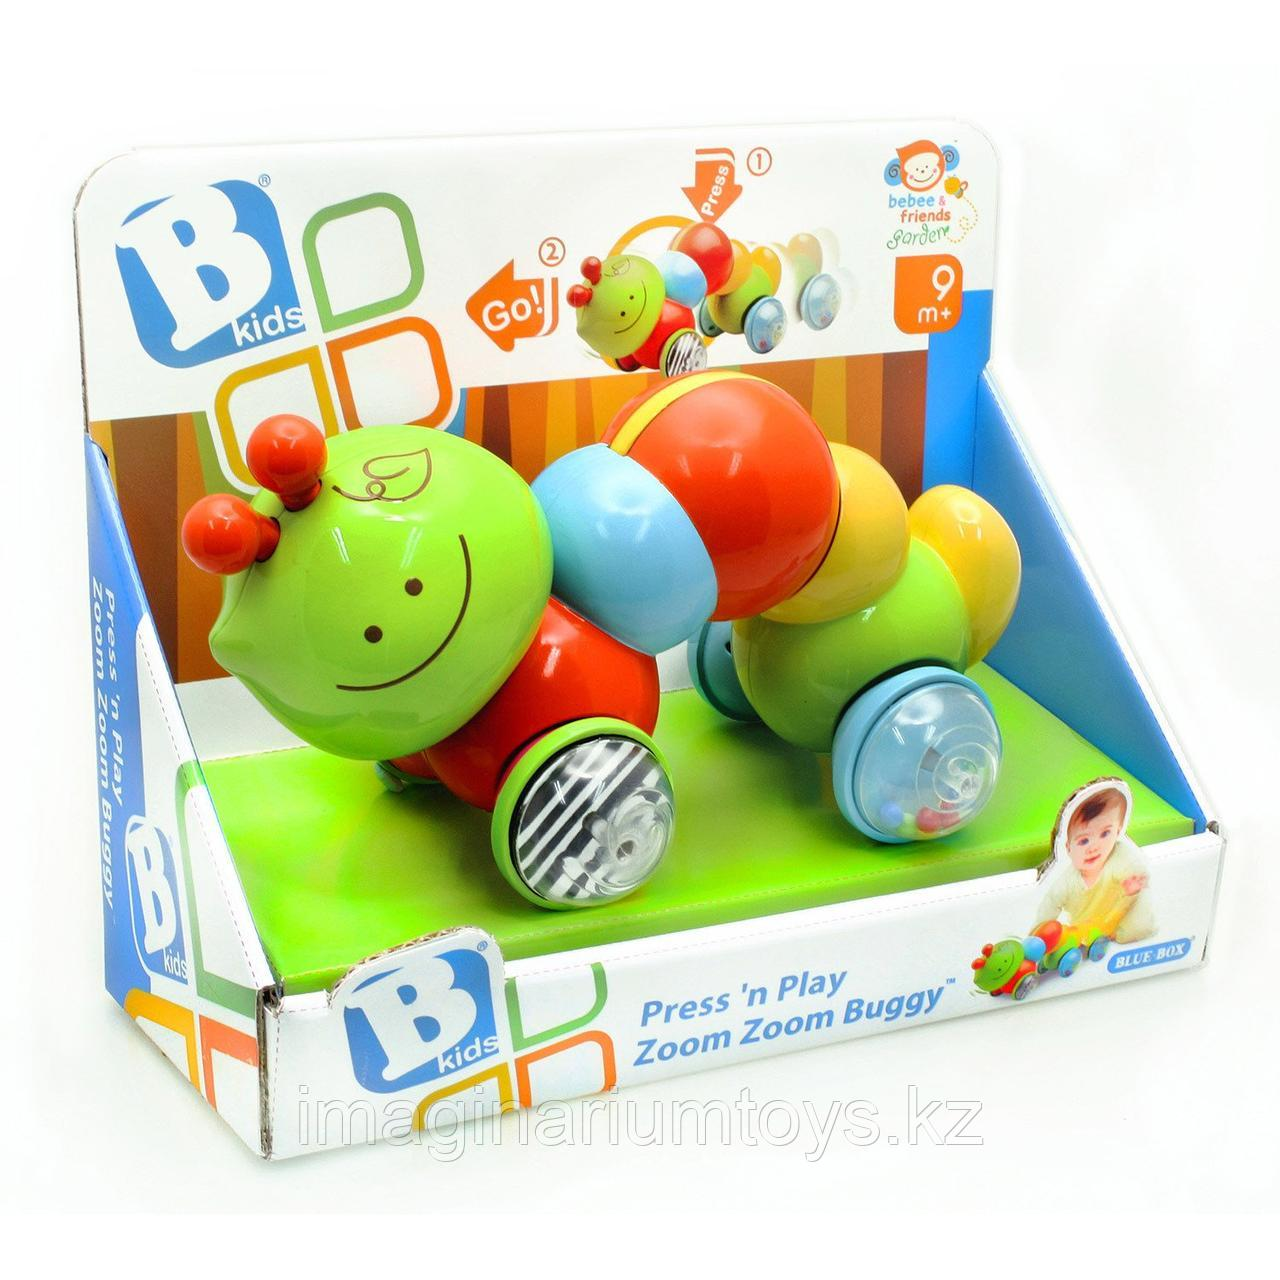 Развивающая игрушка для малышей «Гусеничка - путешественница» B Kids